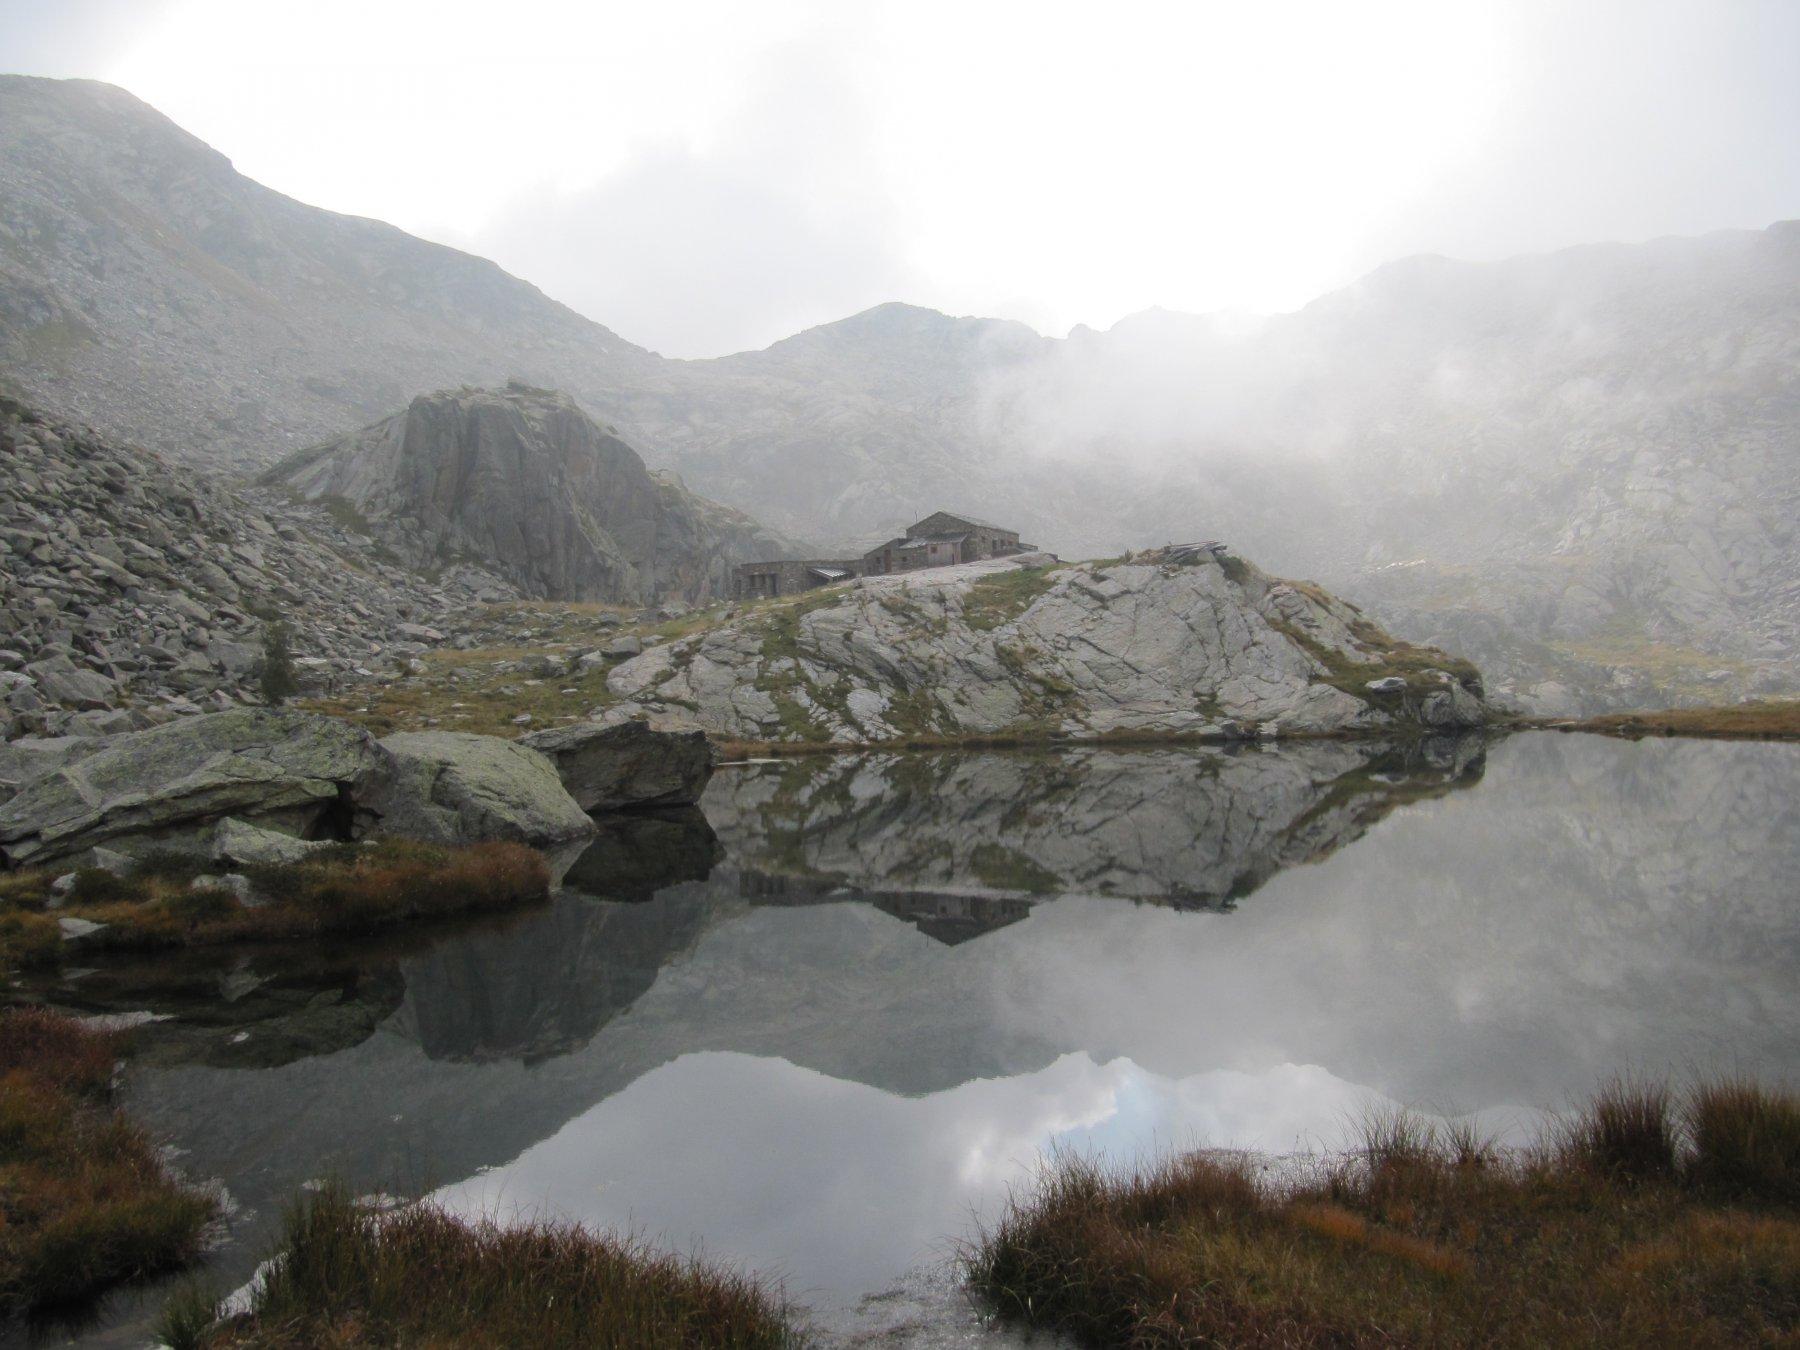 Rifugio riflesso nel lago della Balma